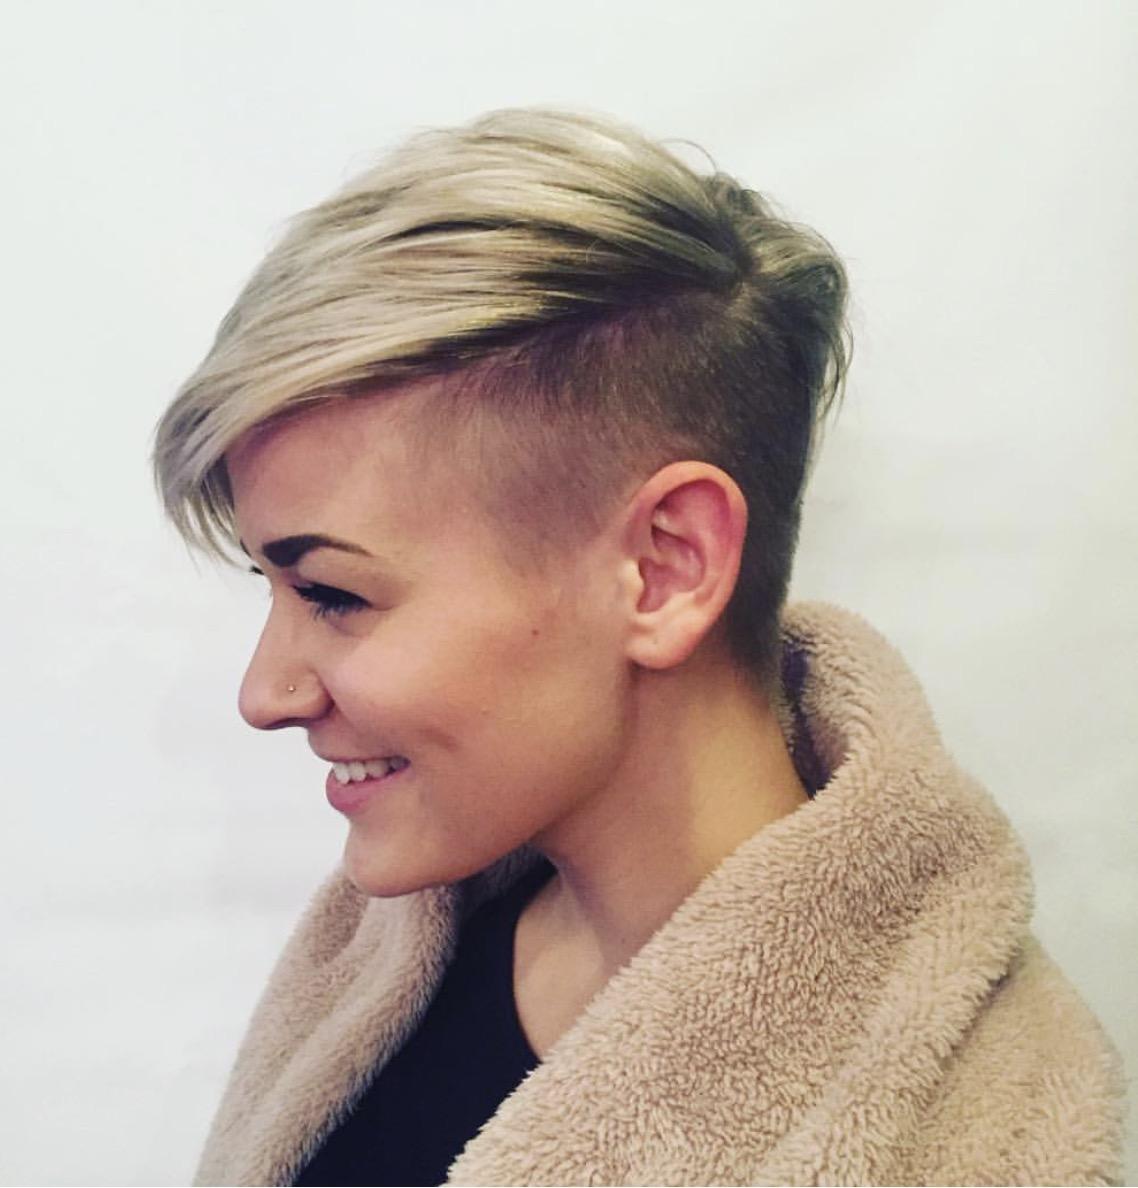 Pixie Cuts In Charleston Sc Get A New Look Tabula Rasa Salon